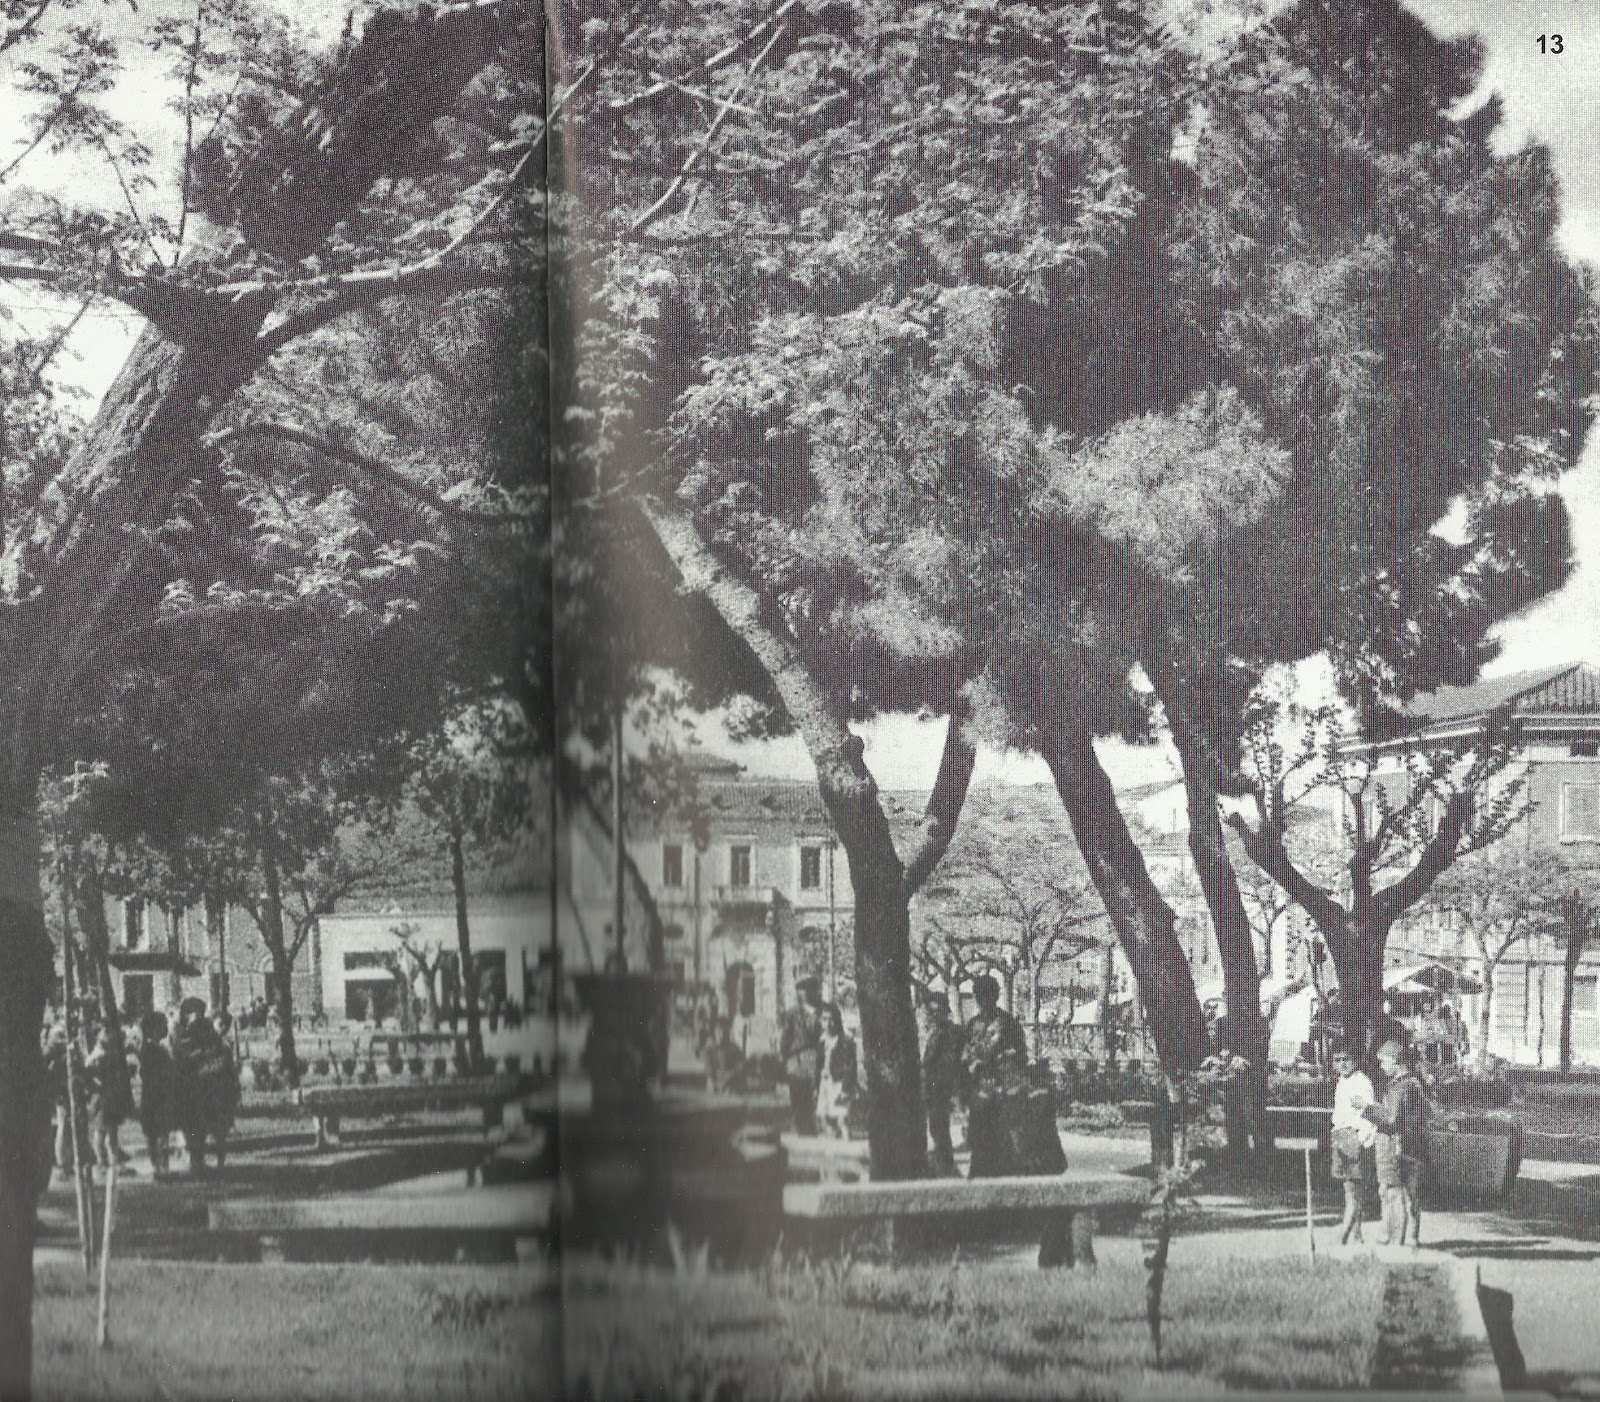 Biasu e billia gemelli d 39 una sacca circolo della libera - Il giardino degli esperidi ...